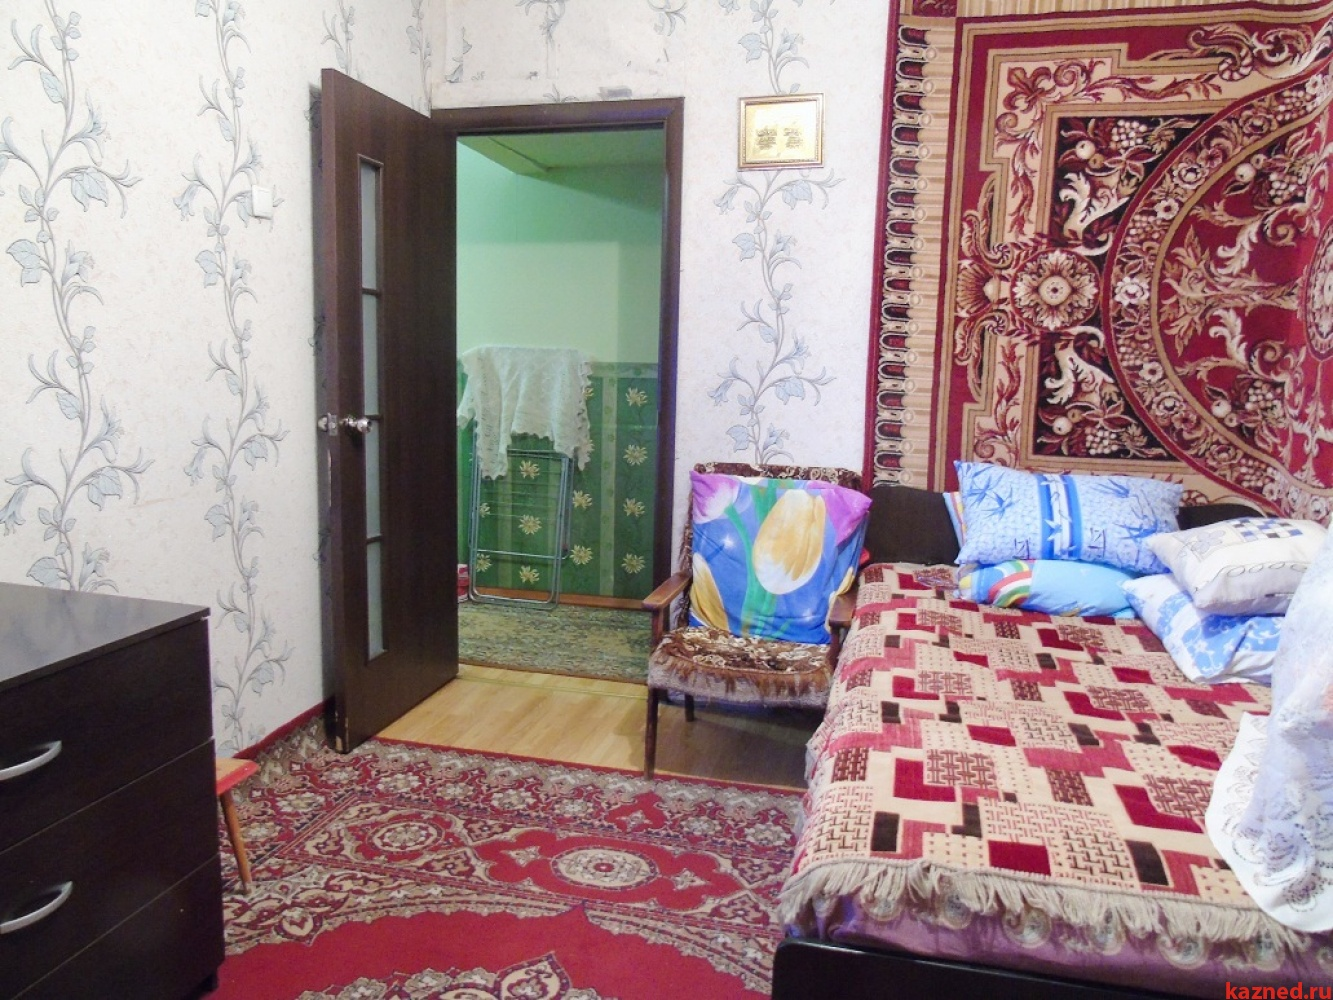 Продажа 2-к квартиры Амирхана, 83, 52 м² (миниатюра №6)